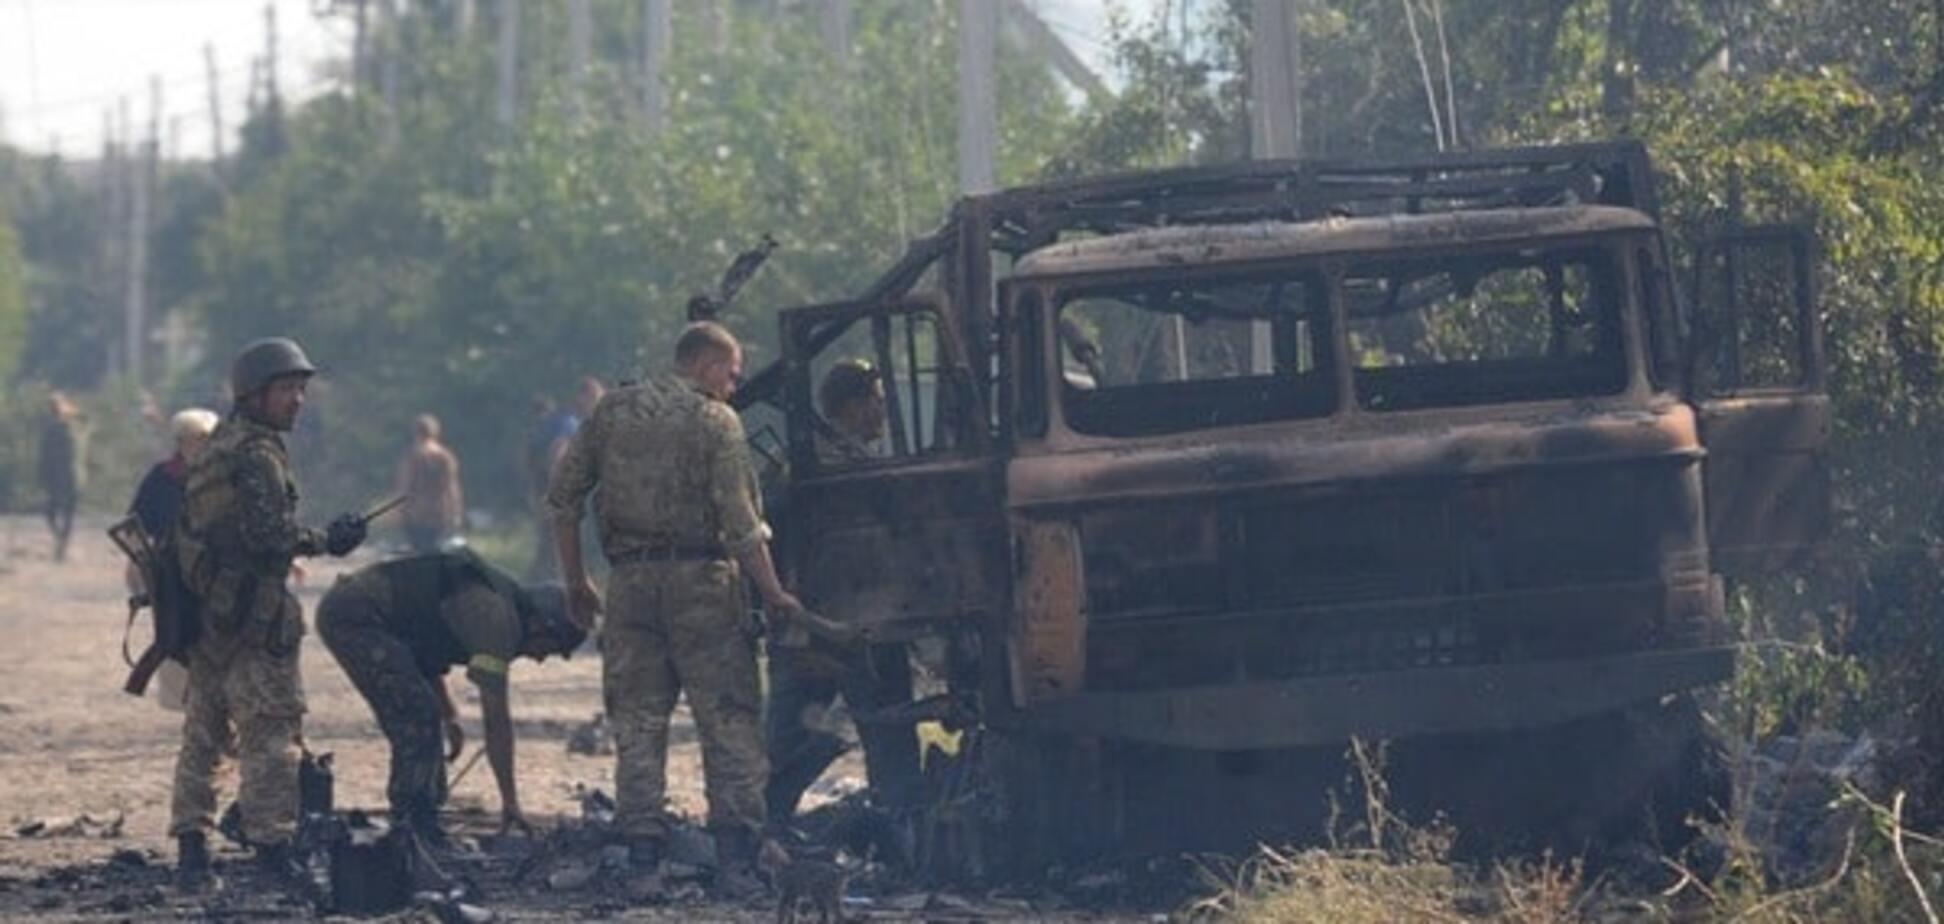 Во время Иловайского котла в Украину вторглись 13000 террористов - Матиос